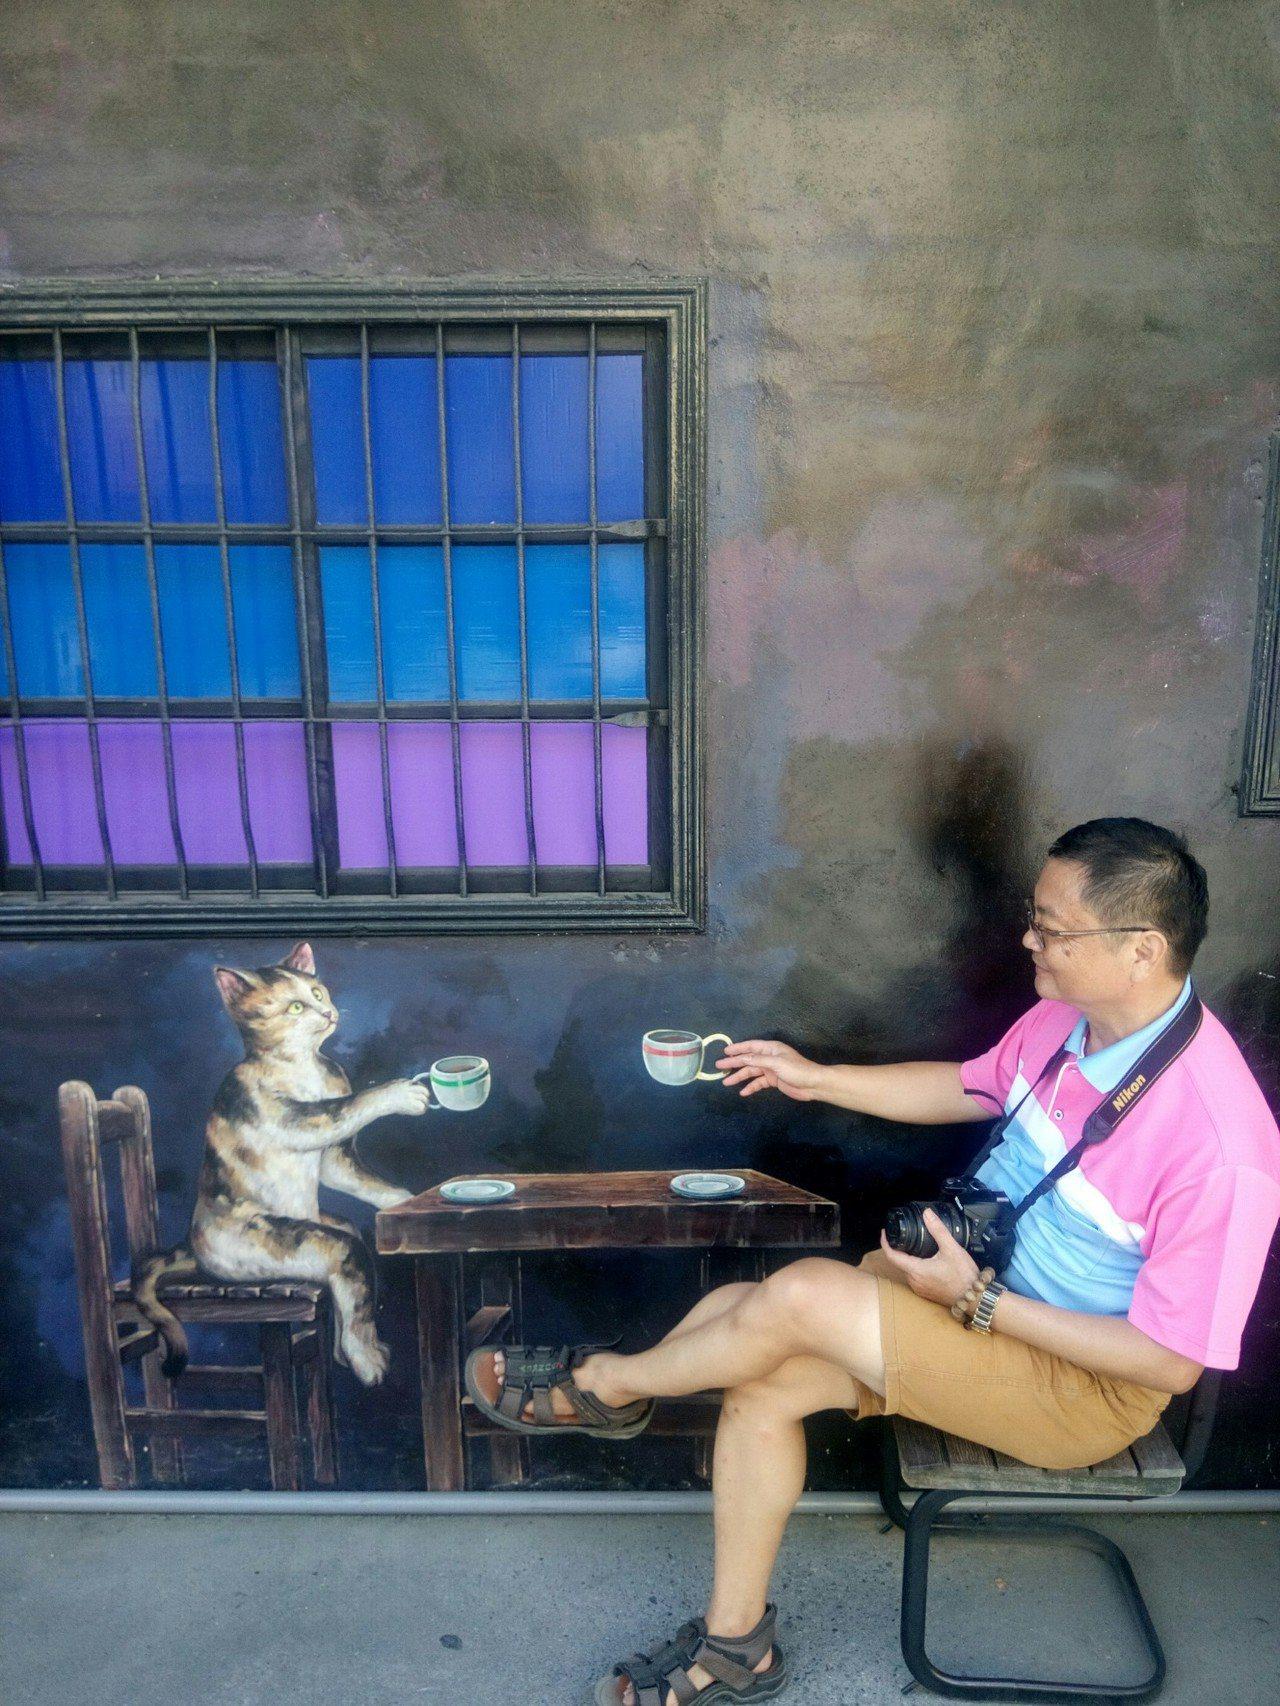 有想過讓貓咪陪你喝杯嘎比嗎? 圖/涂盛發提供